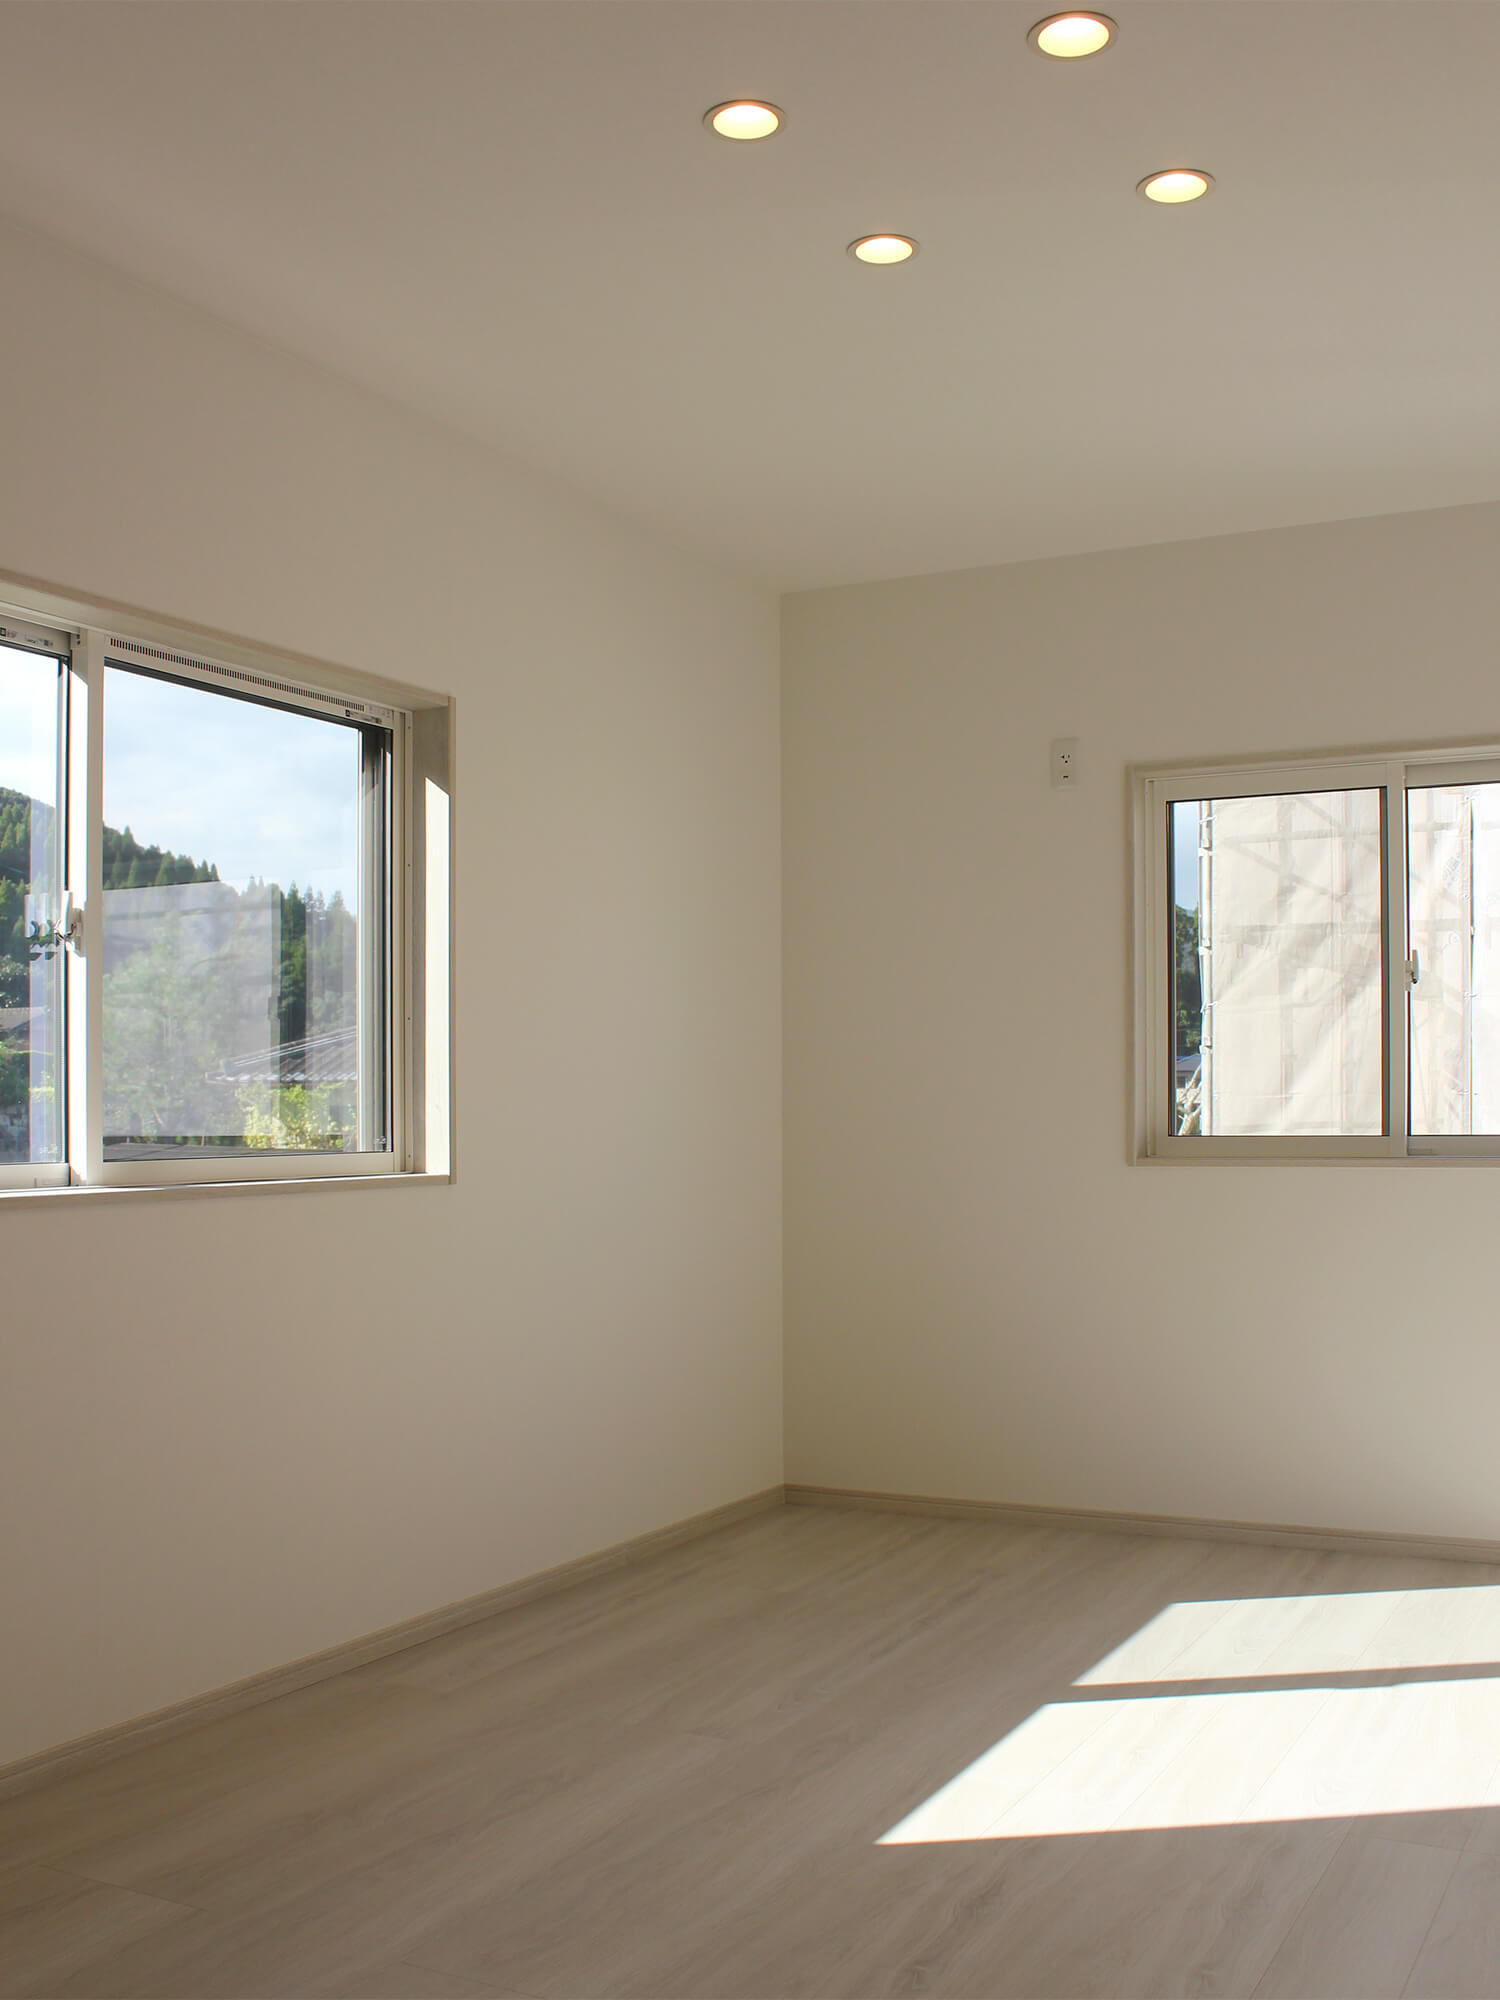 朝日I&Rリアルティの新築住宅「OURS GARDEN 甘久3-FORCASA」2階洋室②